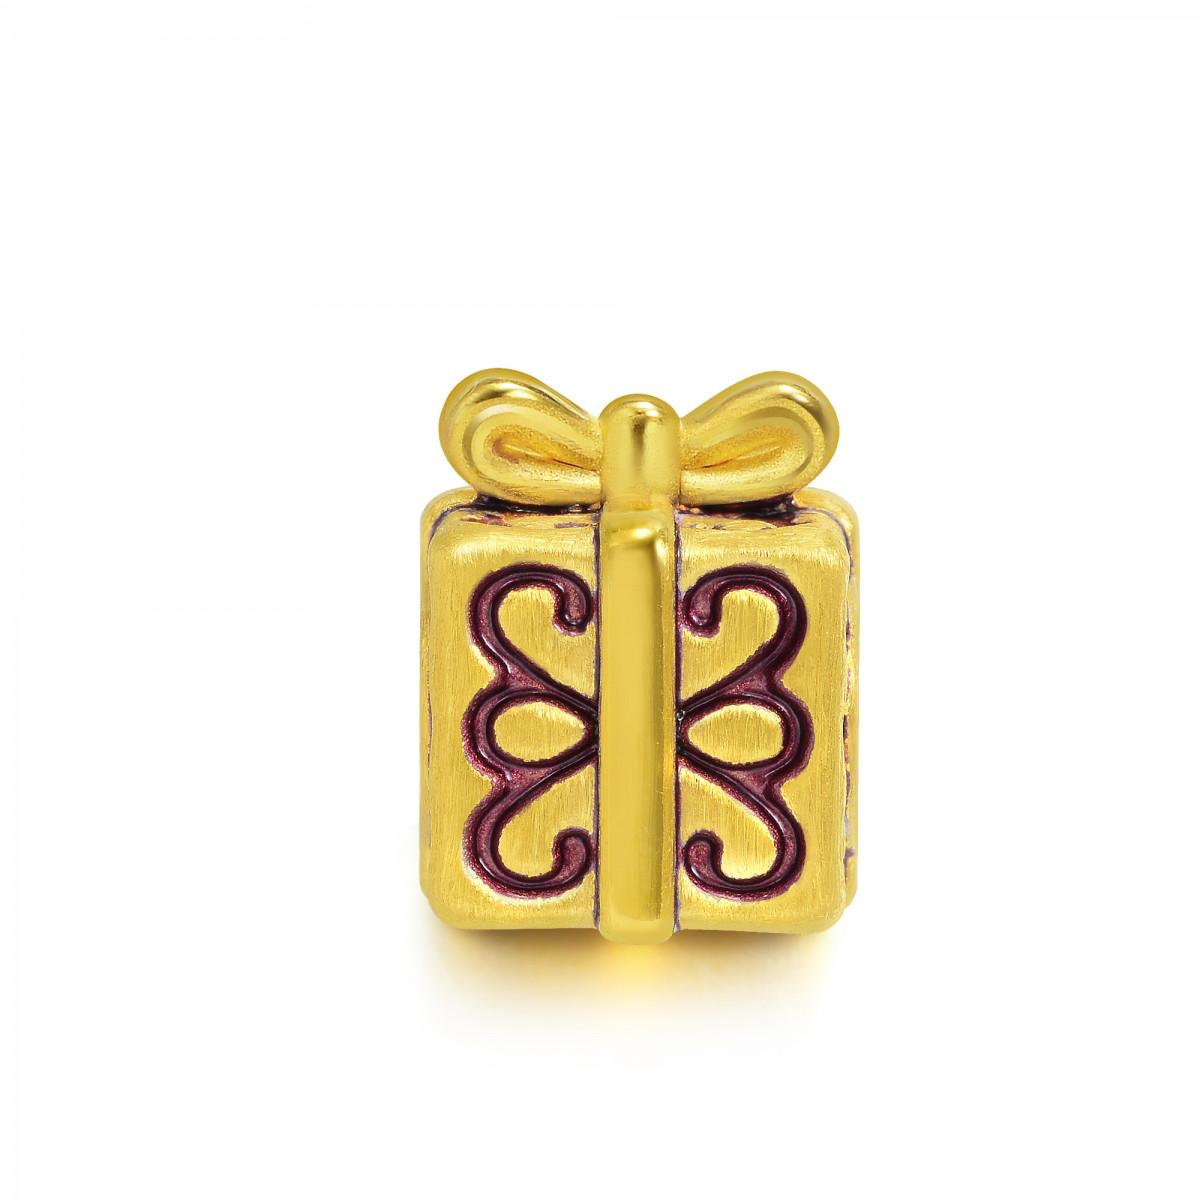 周生生周生生黄金Charme礼物盒转运珠(配绳需另购)B89245p如图